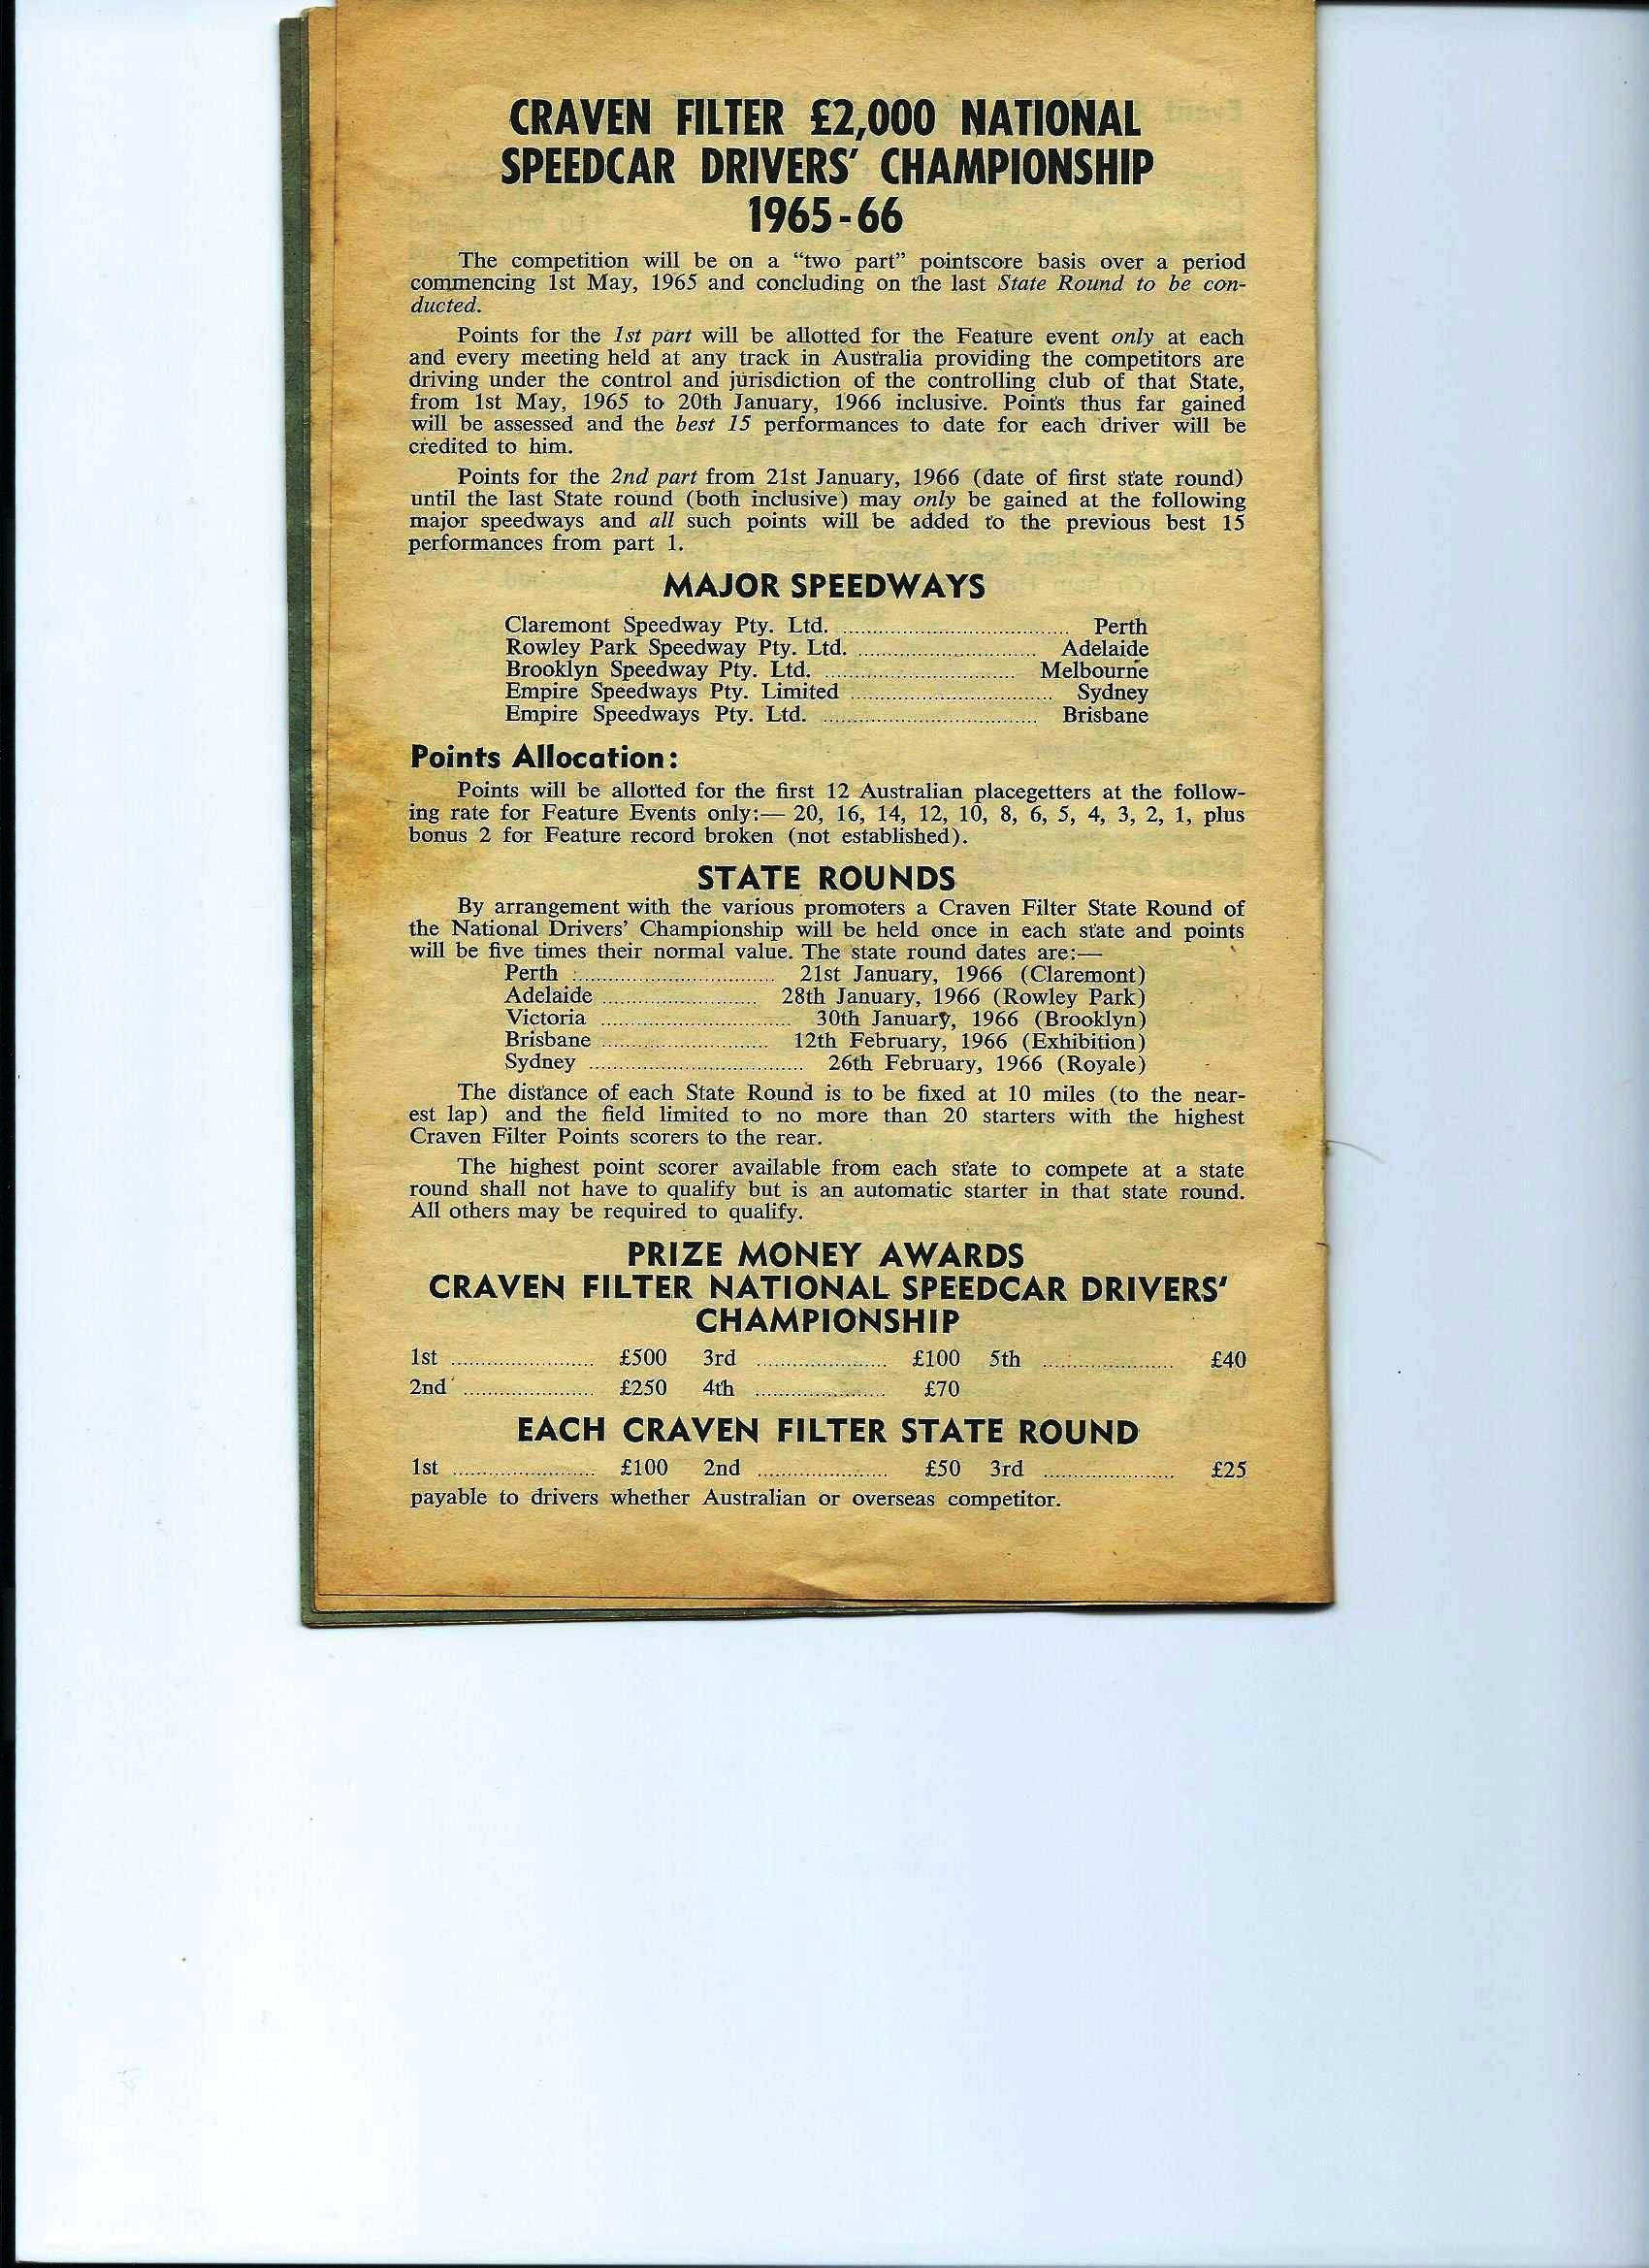 Craven Filter details 1965-66